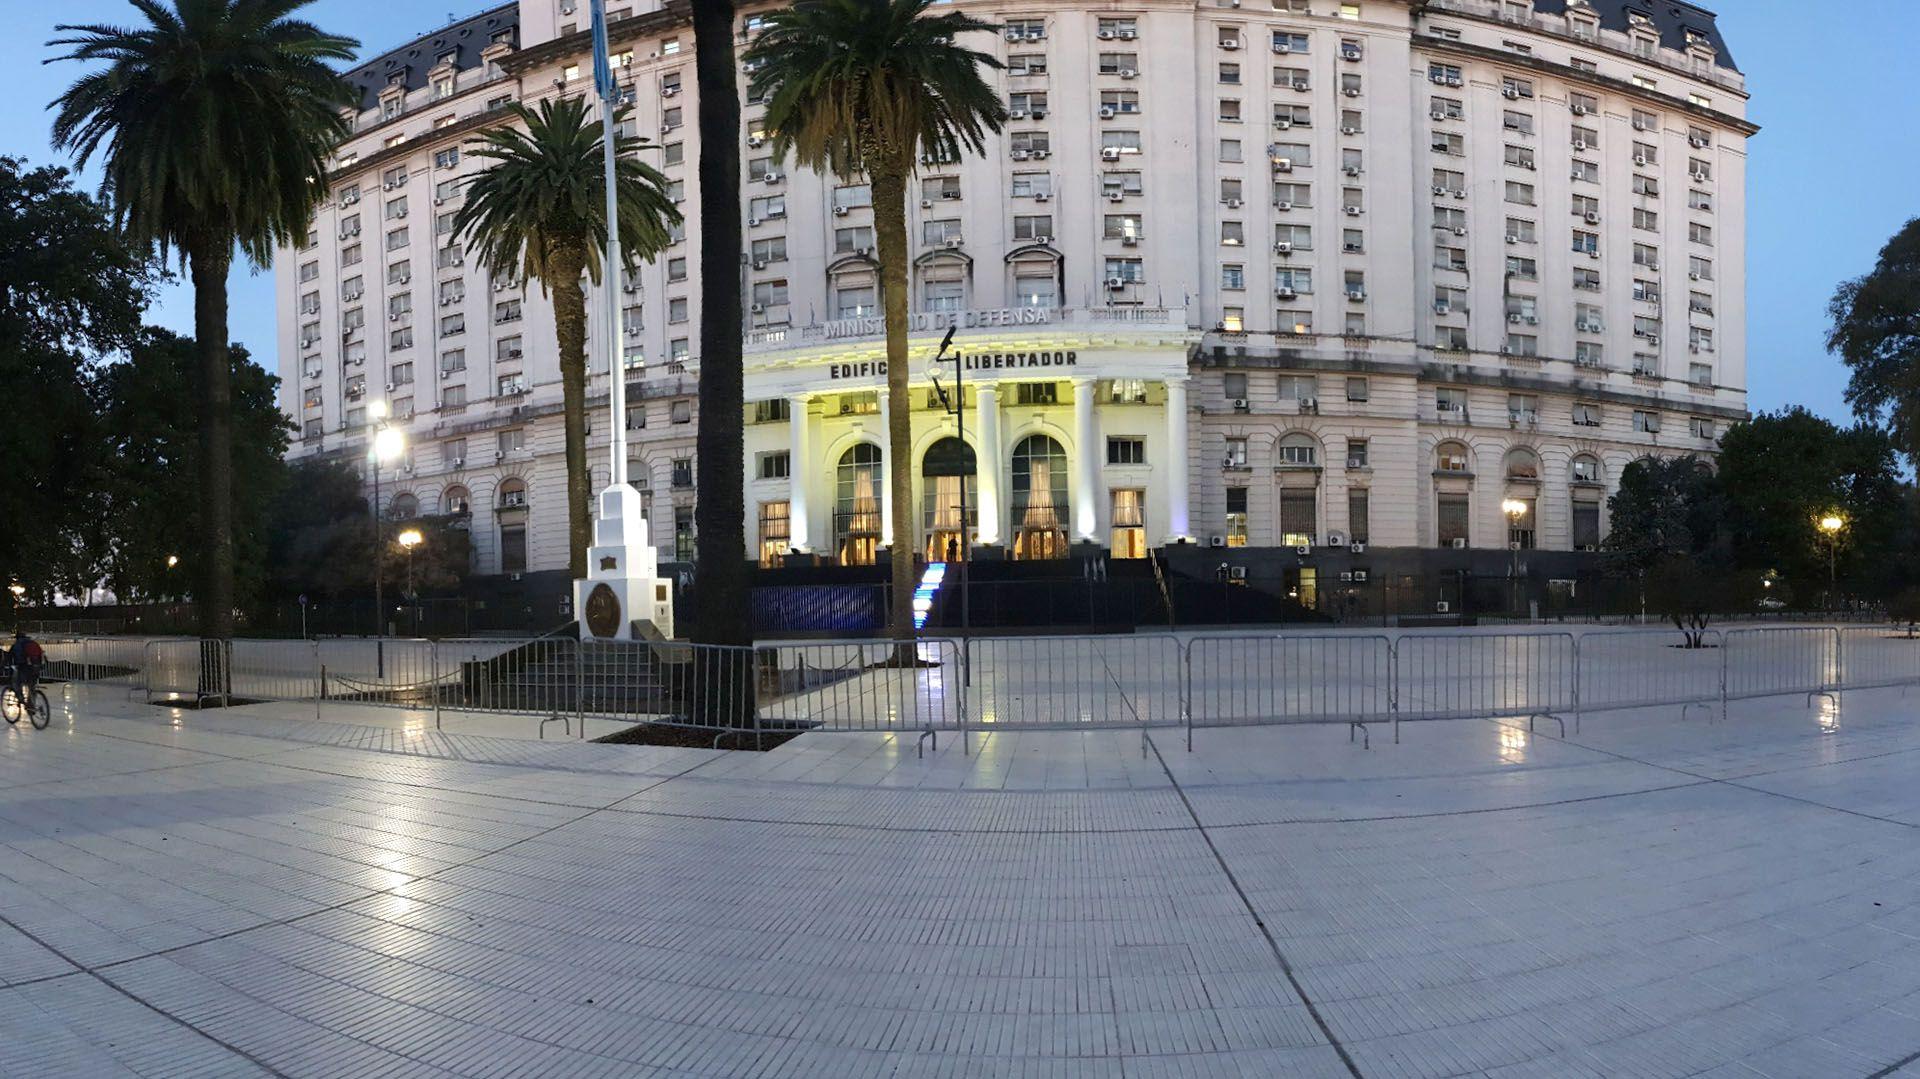 La sede del Ministerio de Defensa donde se llevó a cabo el Consejo General de Guerra contra 8 oficiales de la Armada Argentina